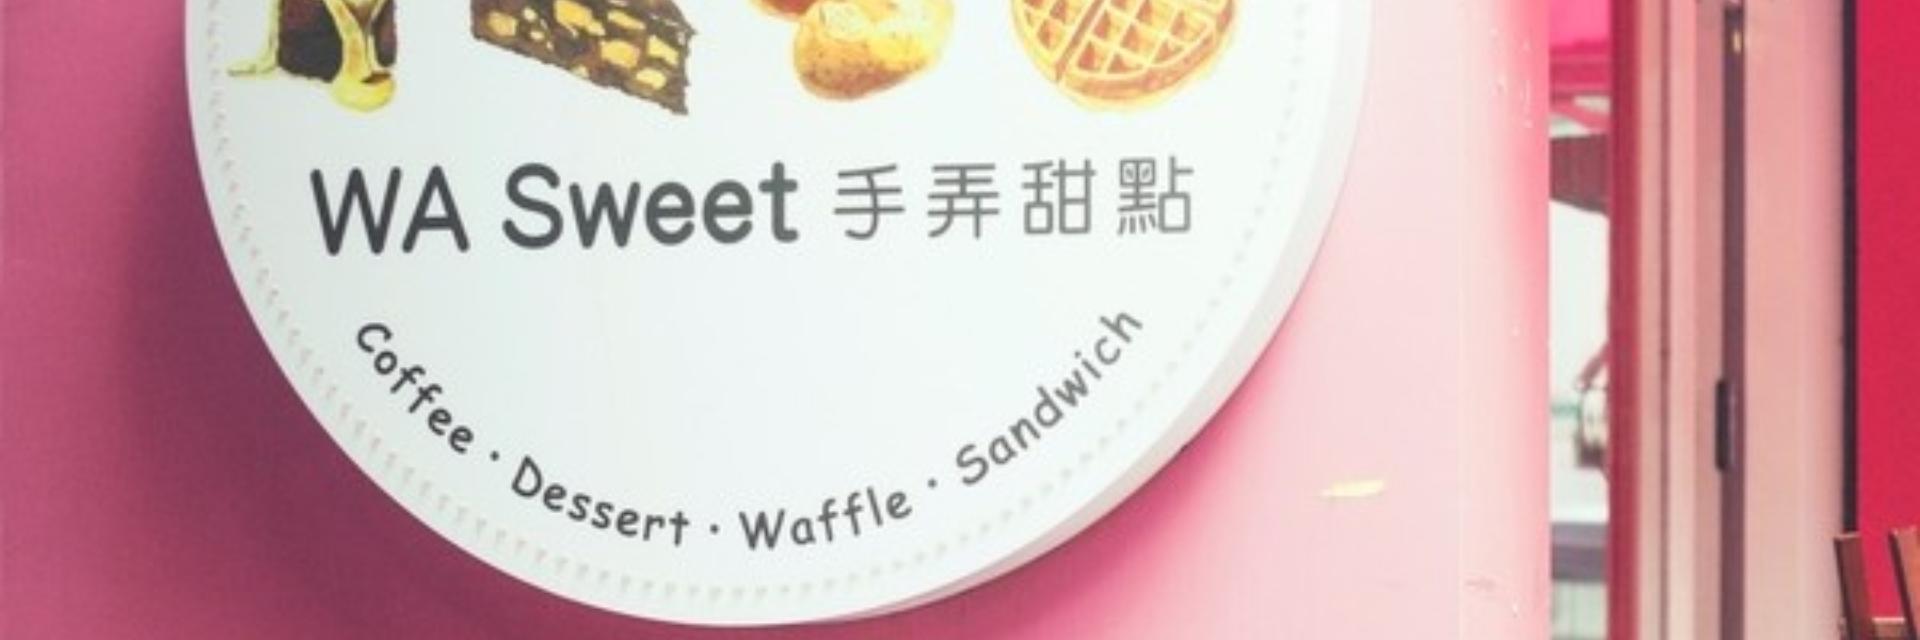 少女們快筆記!讓妳被粉紅泡泡包圍的超夢幻手弄甜點店 「WA Sweet」